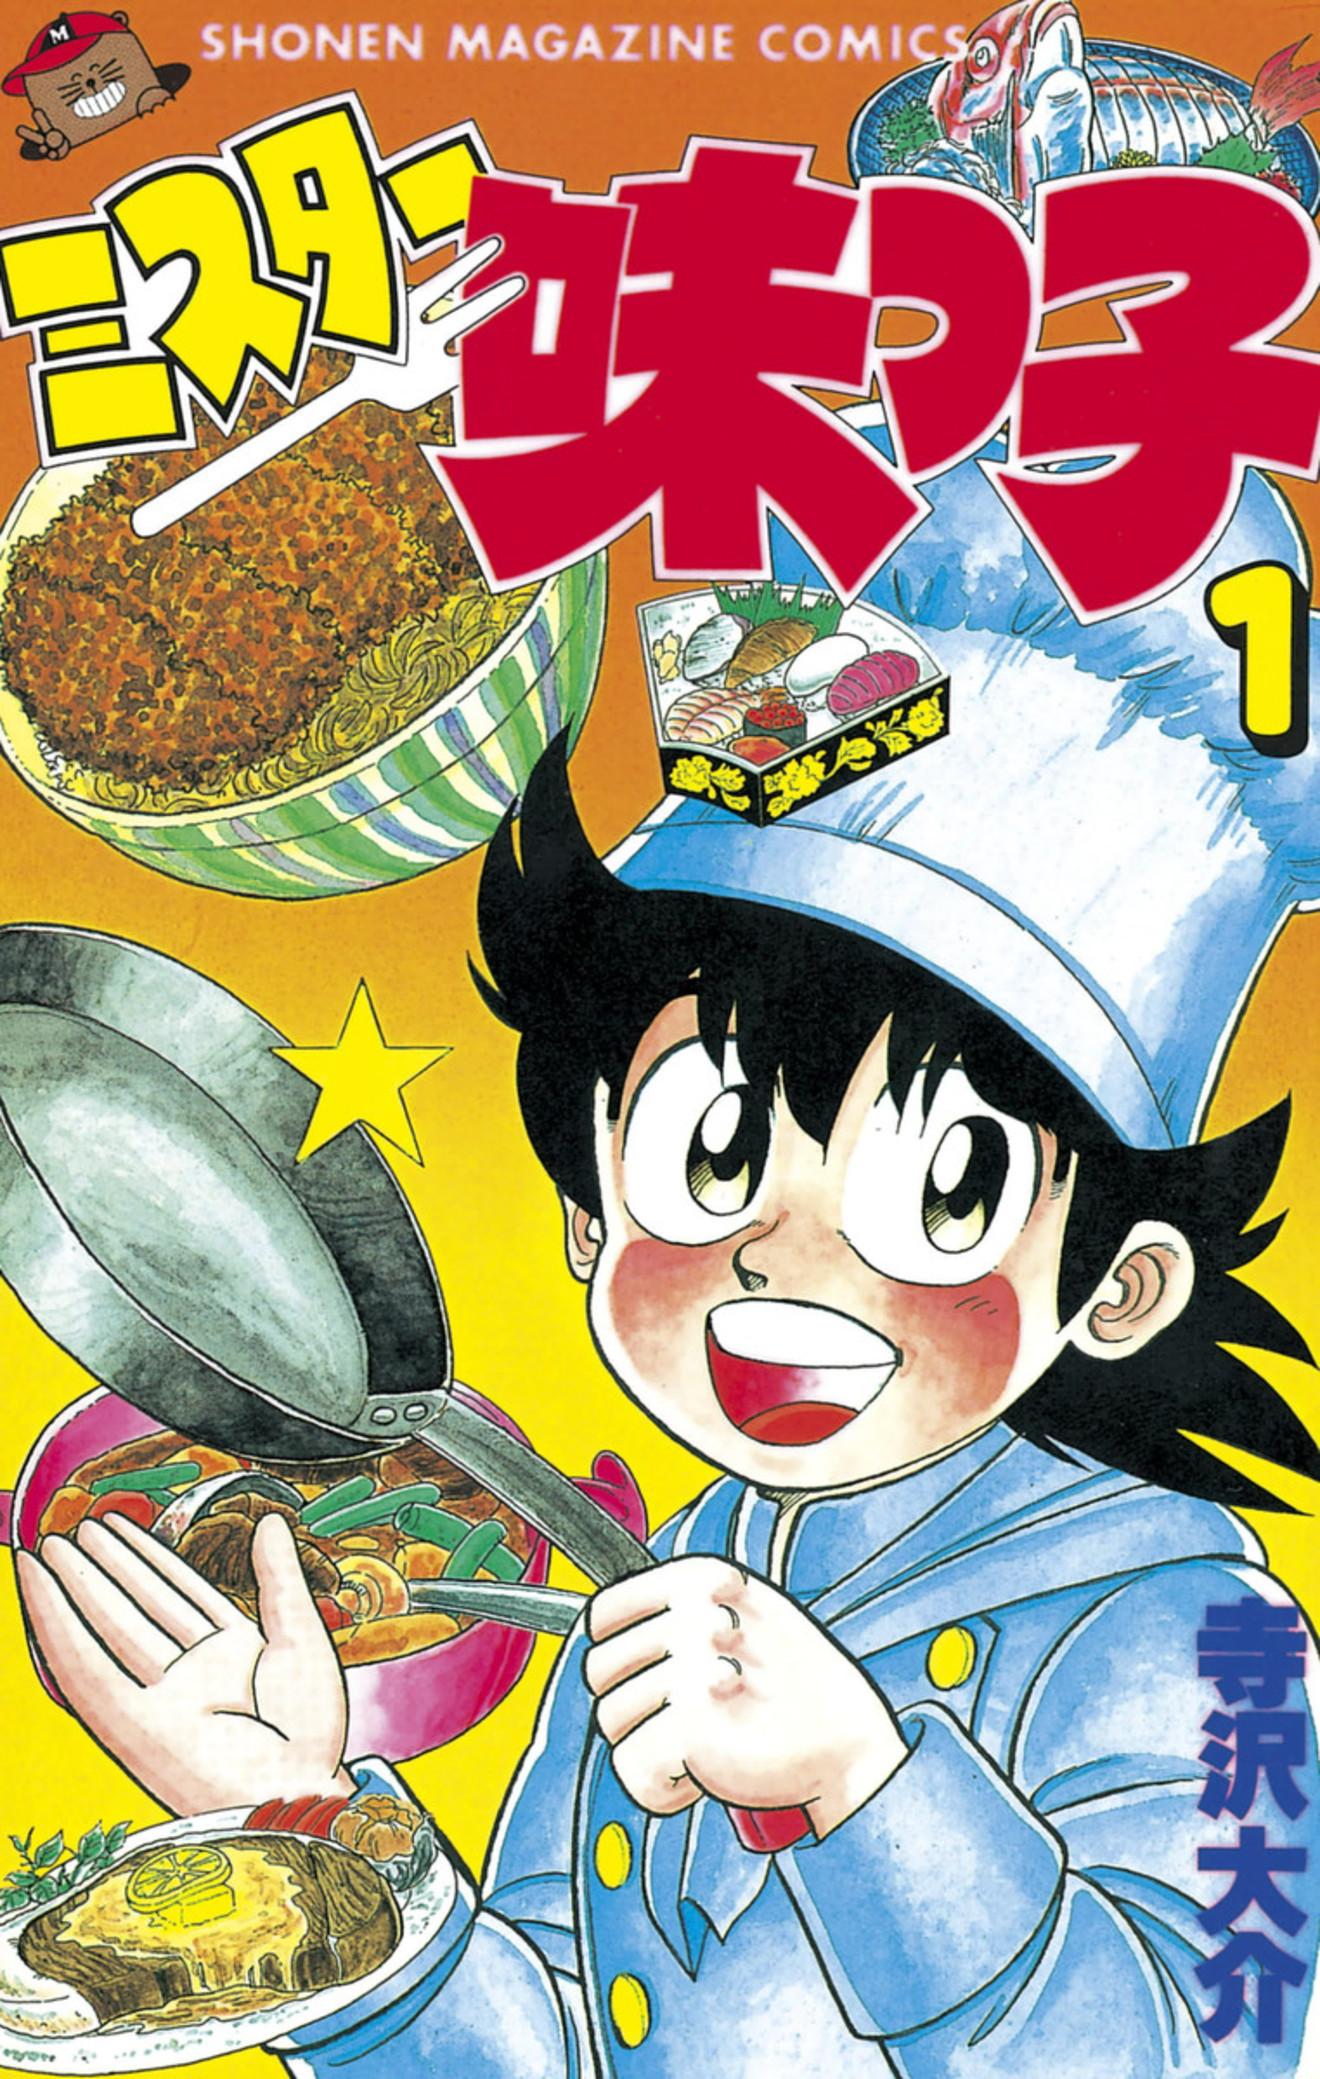 漫画『ミスター味っ子』が面白い!懐かしの登場人物の魅力をネタバレ紹介!